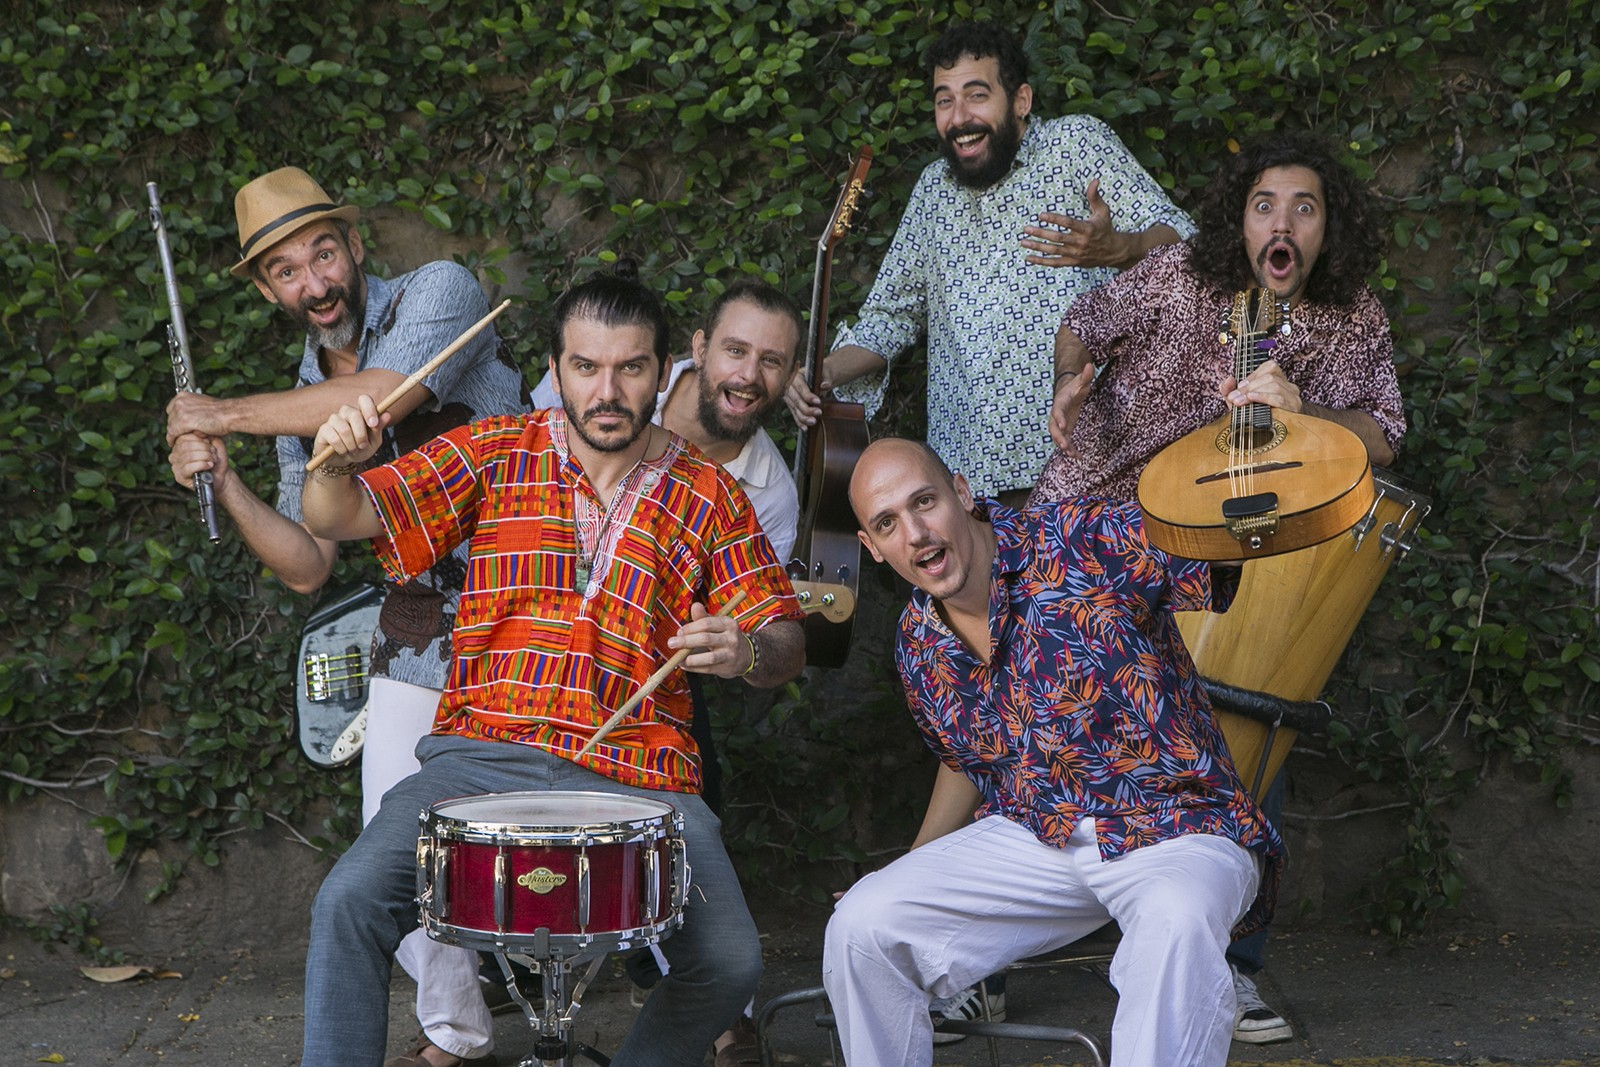 Sexteto Sucupira faz 'forró jazz cigano tropical' no primeiro álbum - Notícias - Plantão Diário